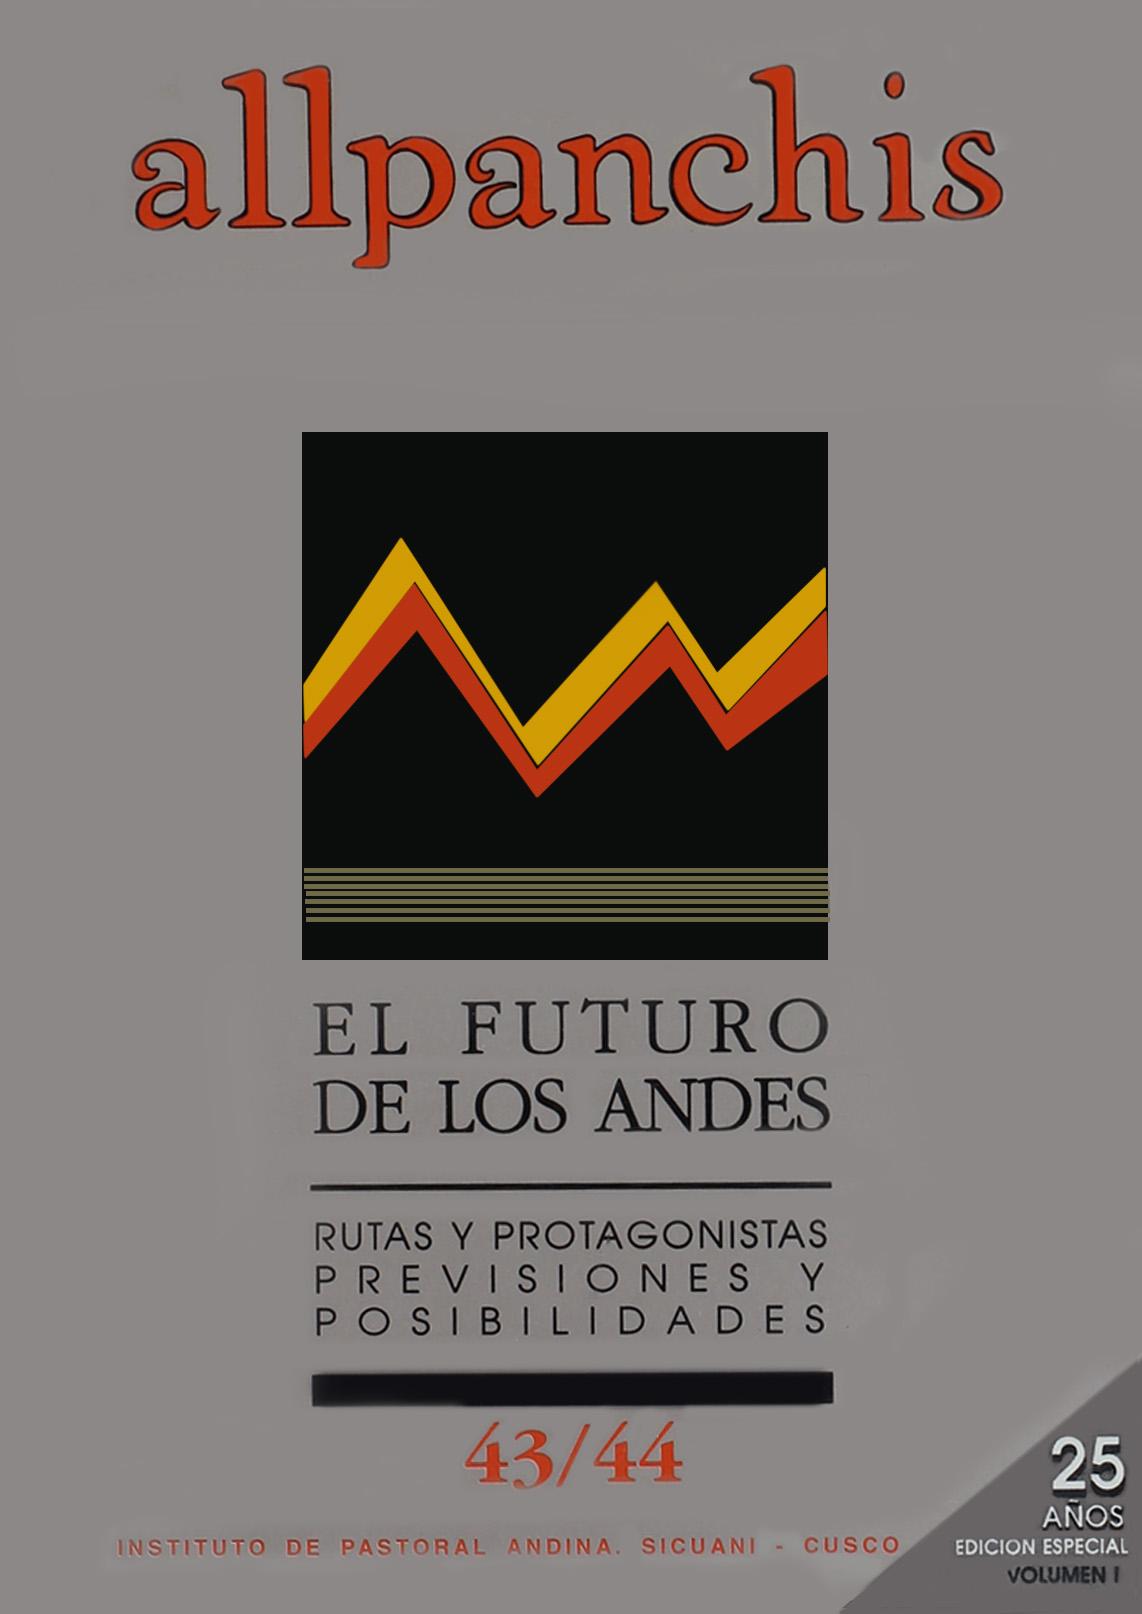 Allpanchis 43/44, vol. 1 (carátula)